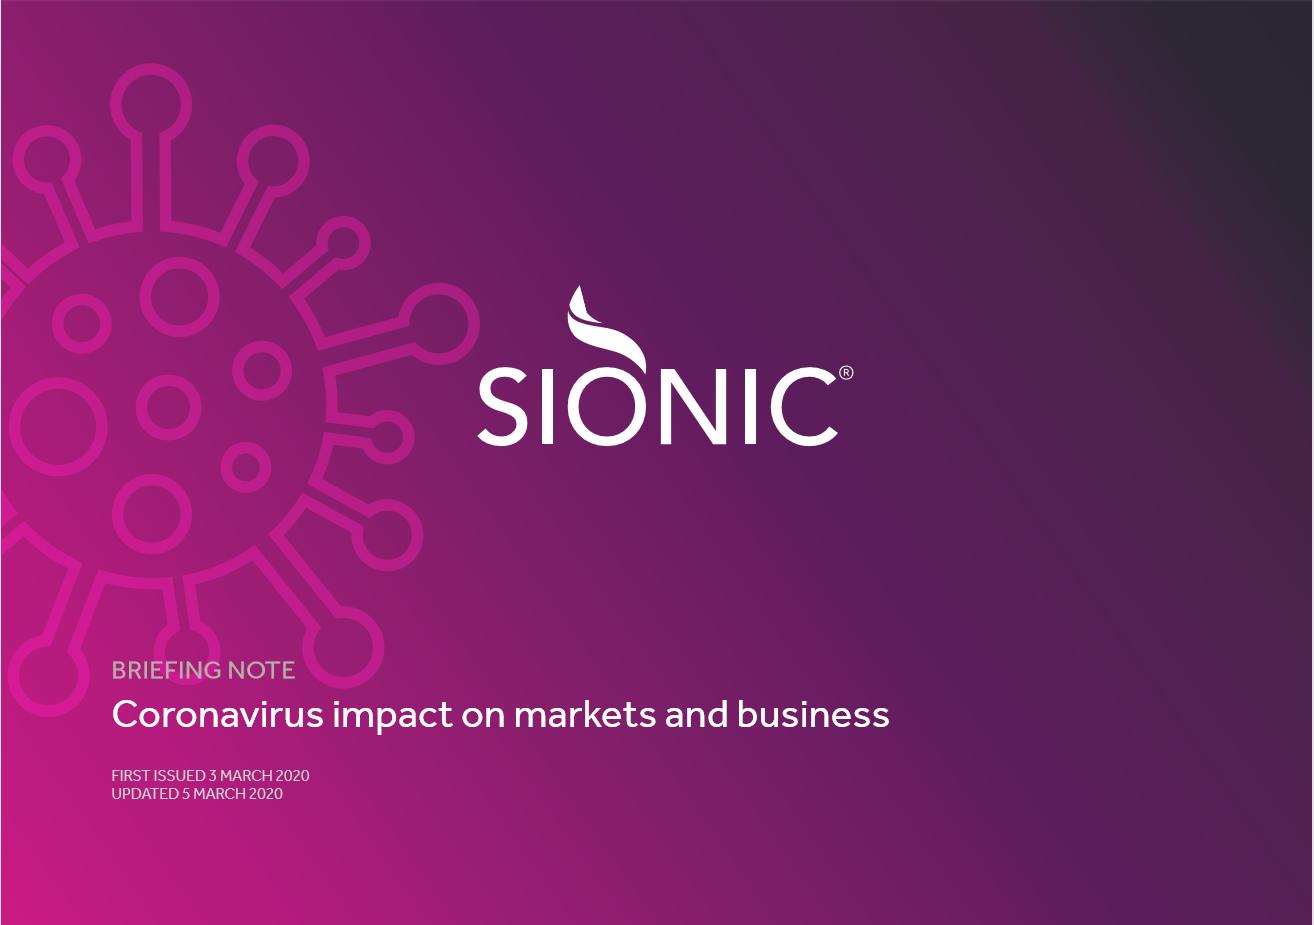 Sionic Coronavirus briefing